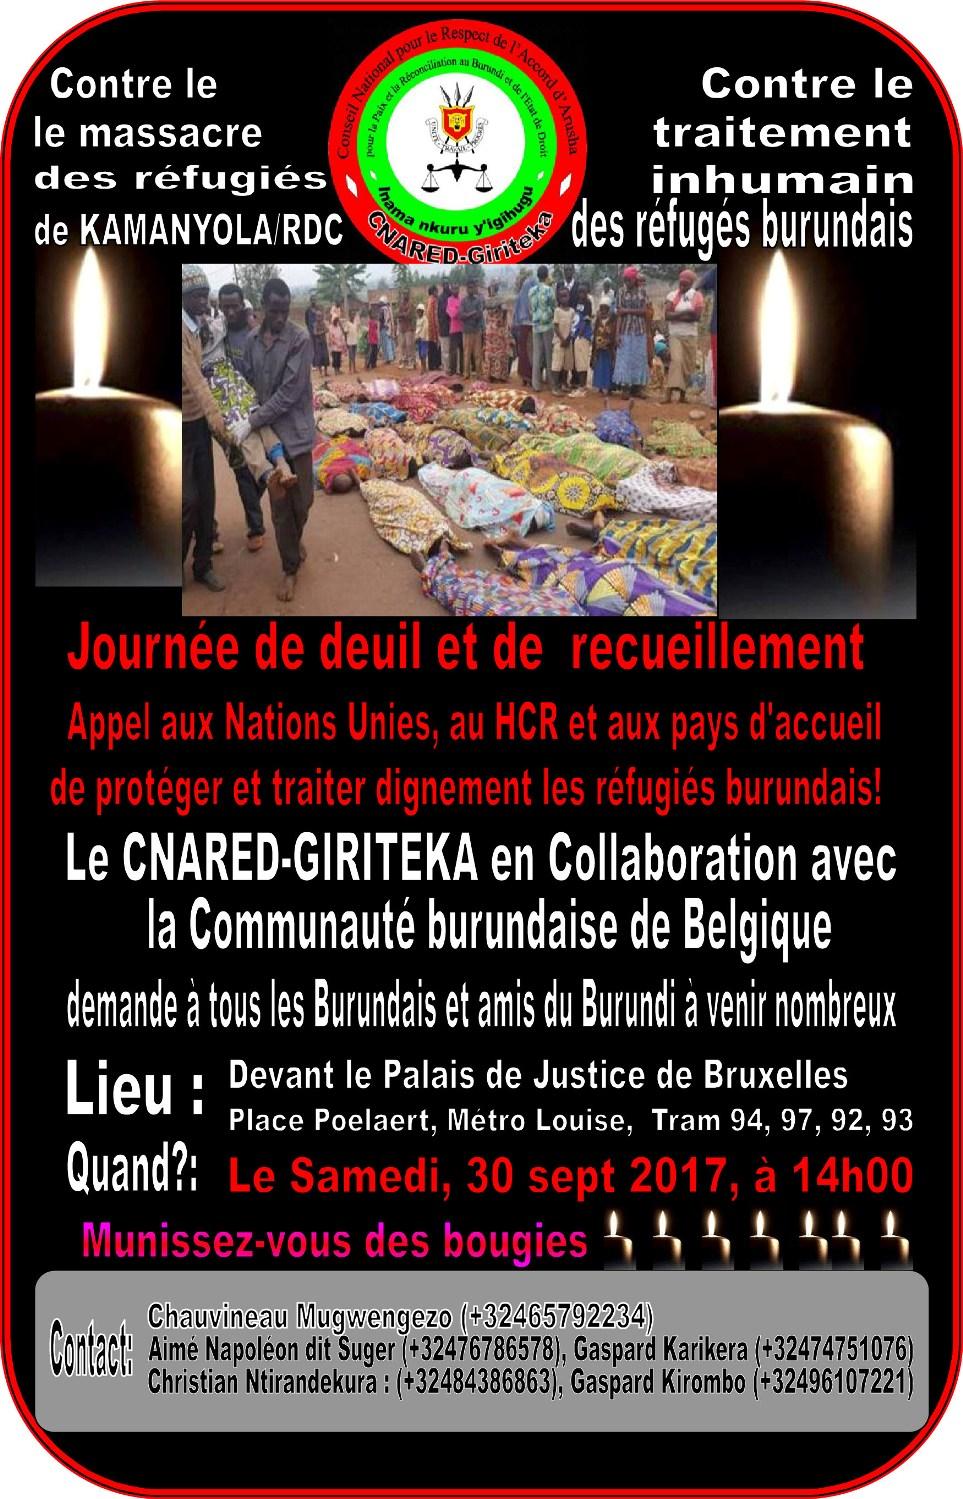 MANIFESTATION A BRUXELLES CONTRE LE MASSACRE DES RÉFUGIÉS BURUNDAIS A KAMANYOLA/RDC